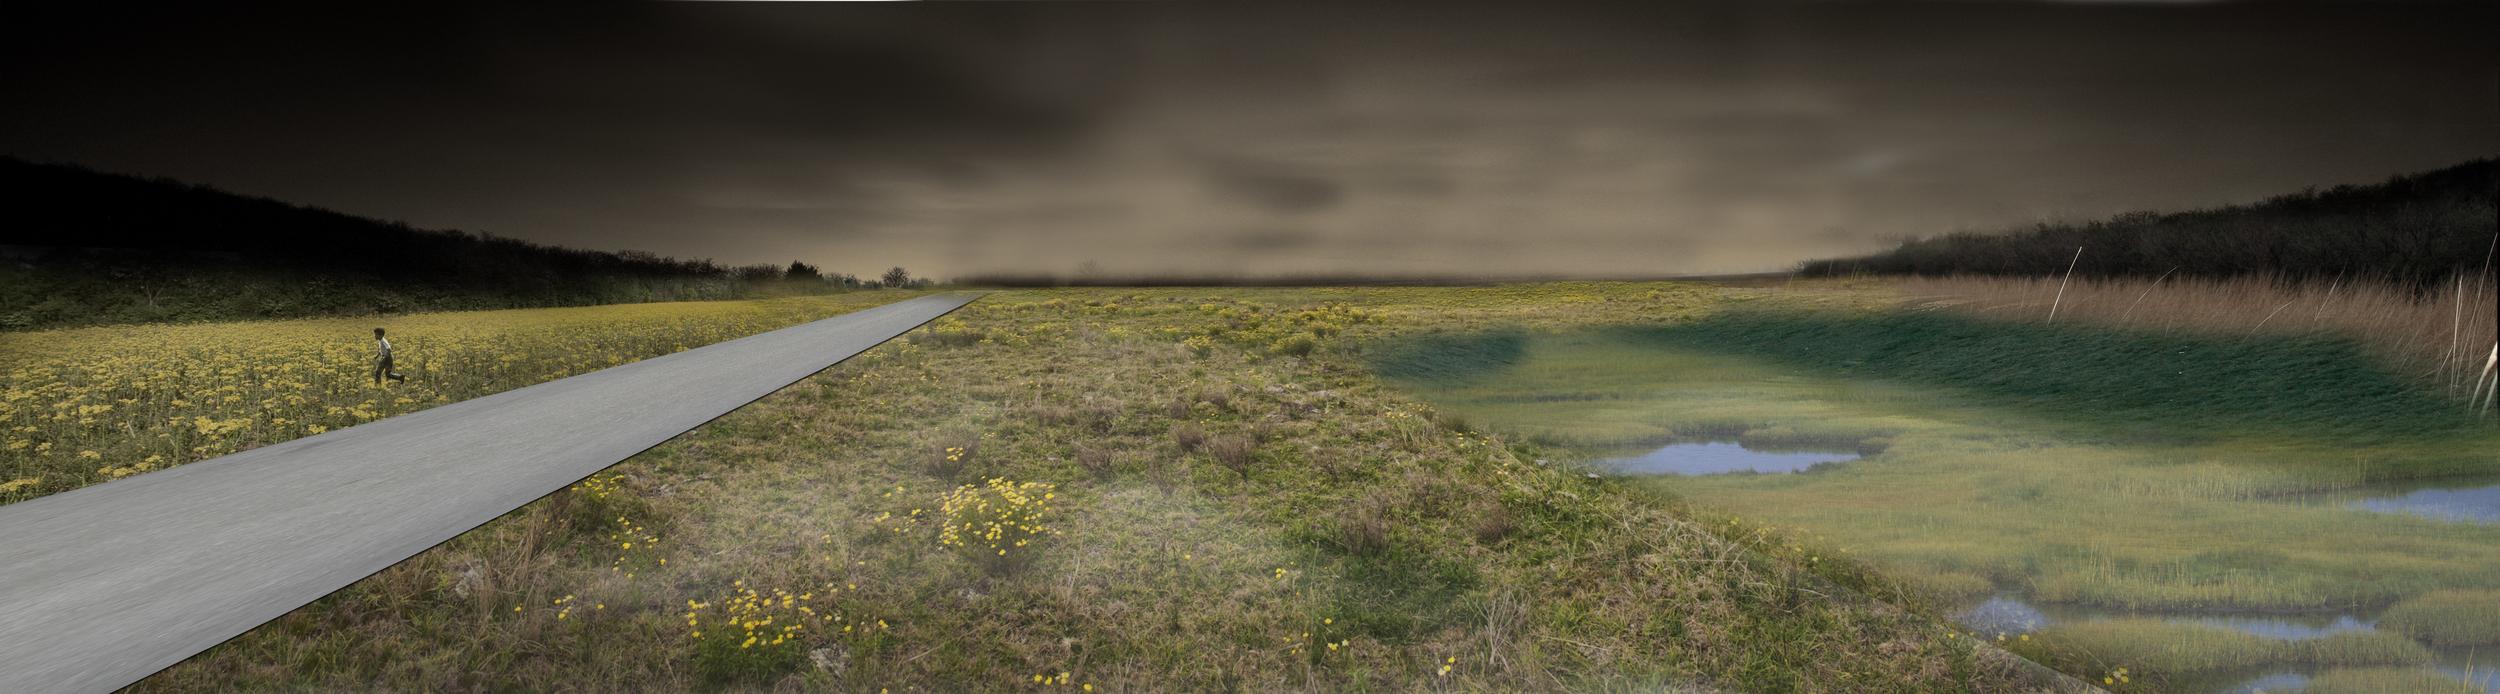 hinterlands-montaudran-13.jpg